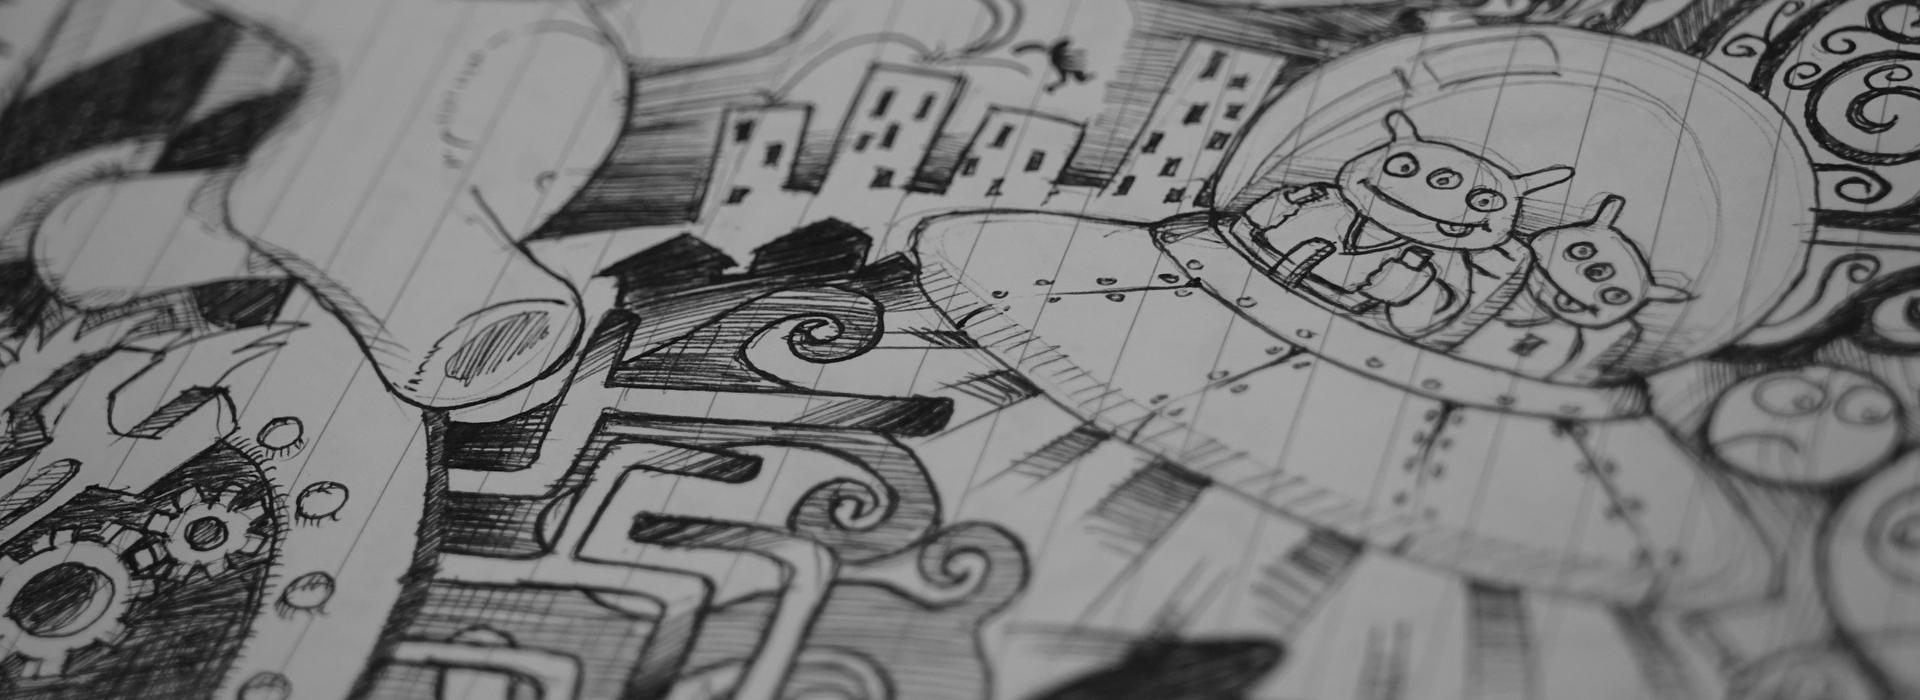 22+ Imaginative Doodle Art Designs | Free & Premium Templates